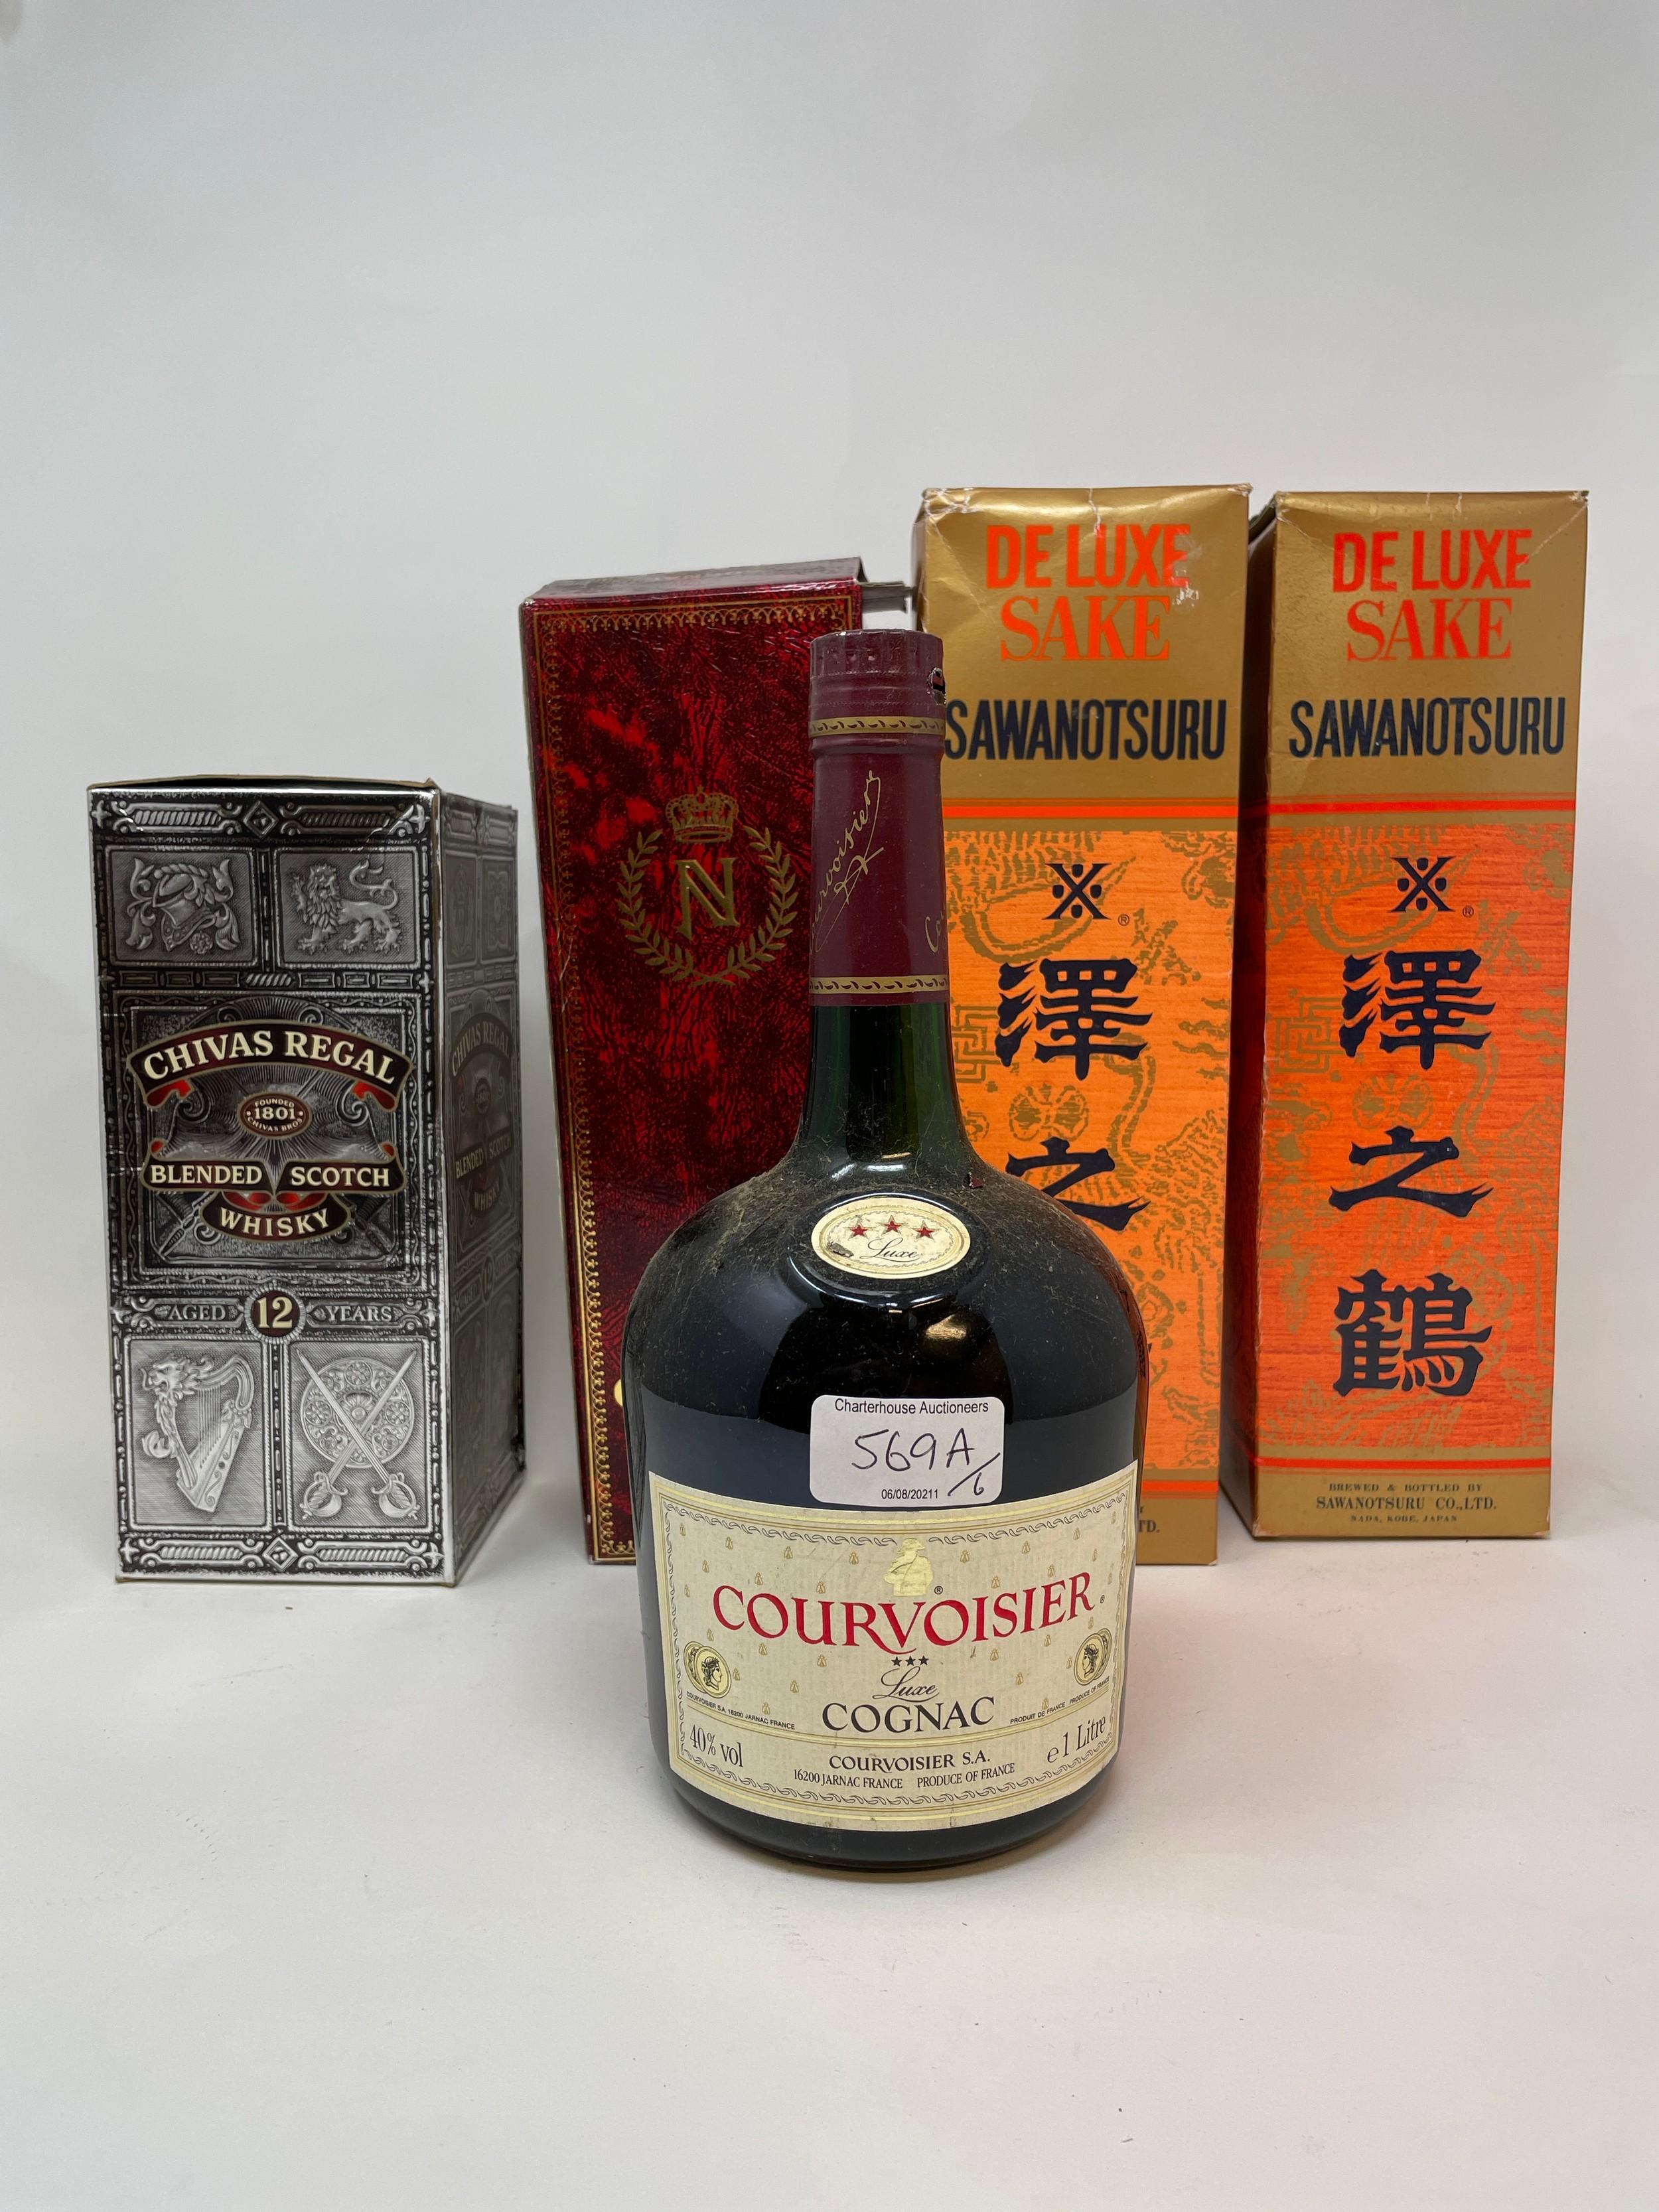 A bottle Camus Napoleon cognac, a bottle of Chivas Regal whisky, a bottle of Courvoisier cognac